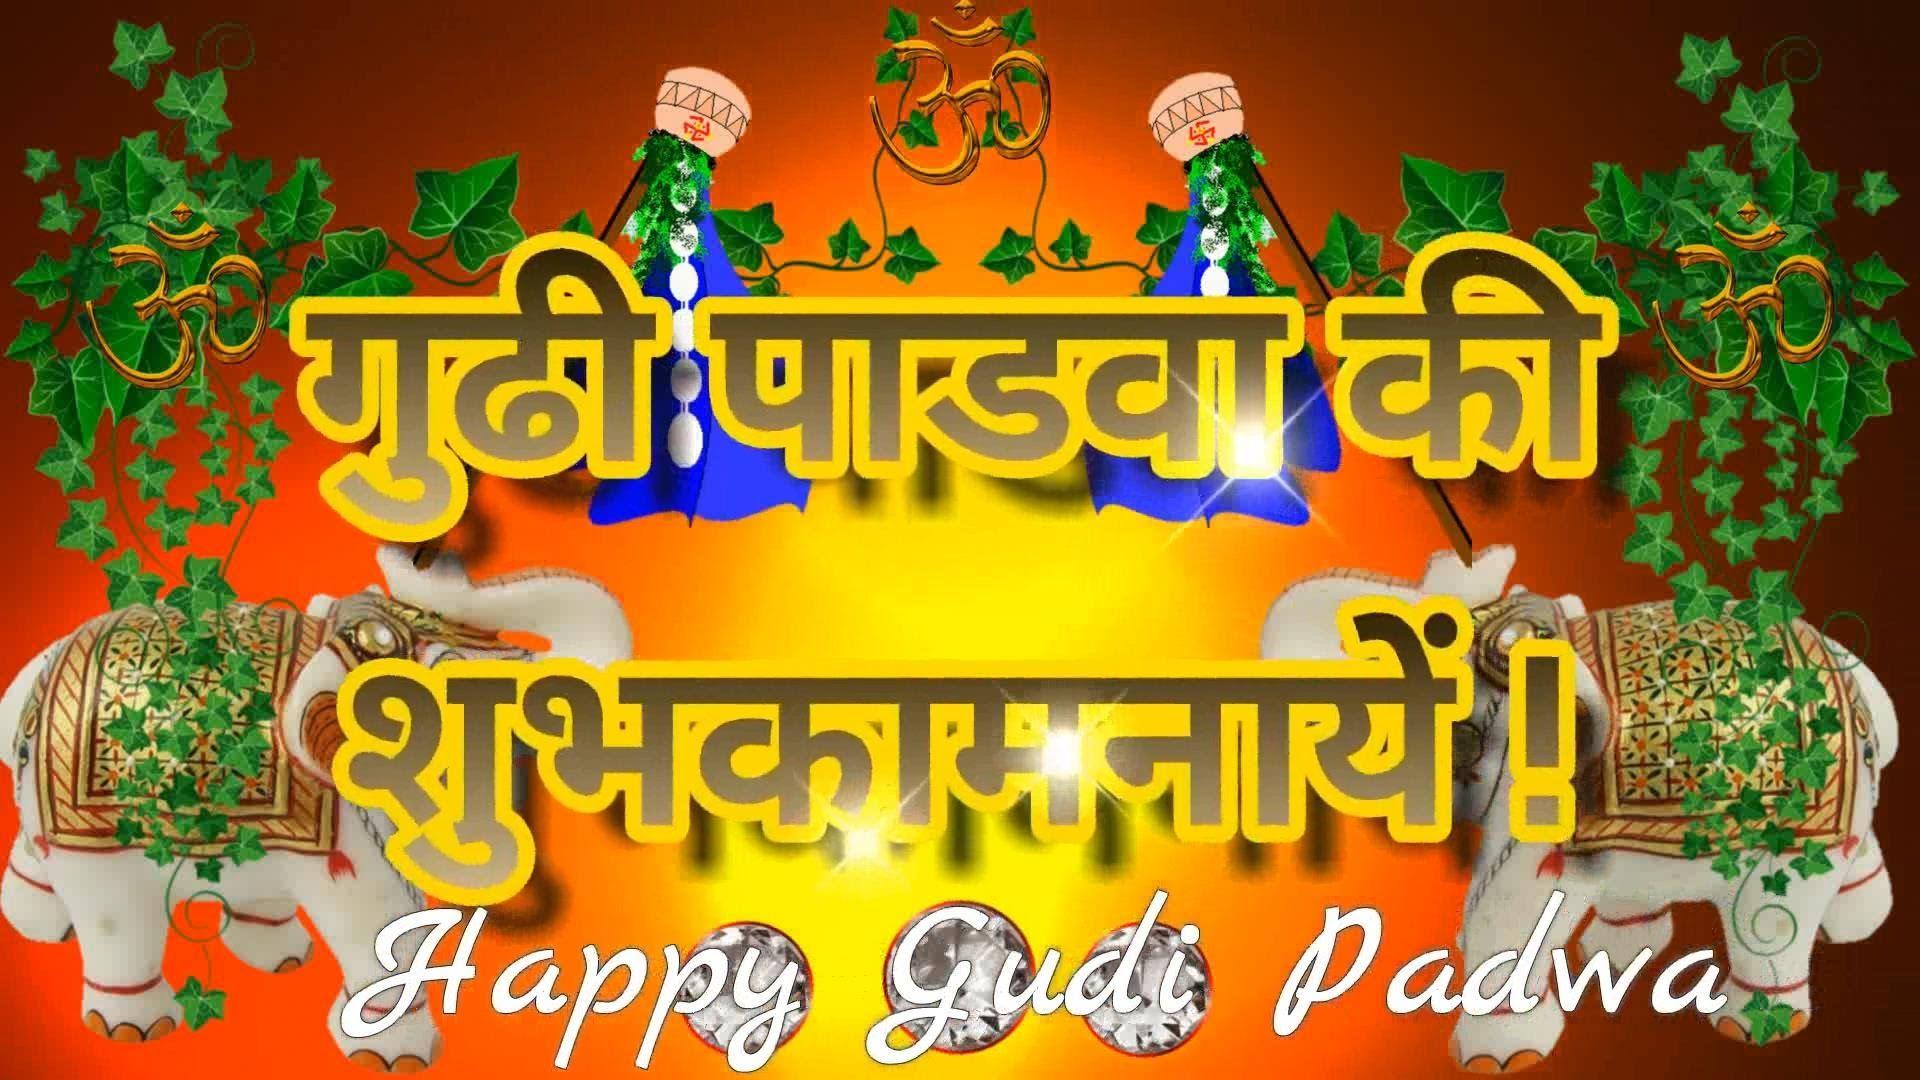 Happy Gudi Padwa Greetings Gudi Padwa 2016 Gudi Padwa Wishes Gudi